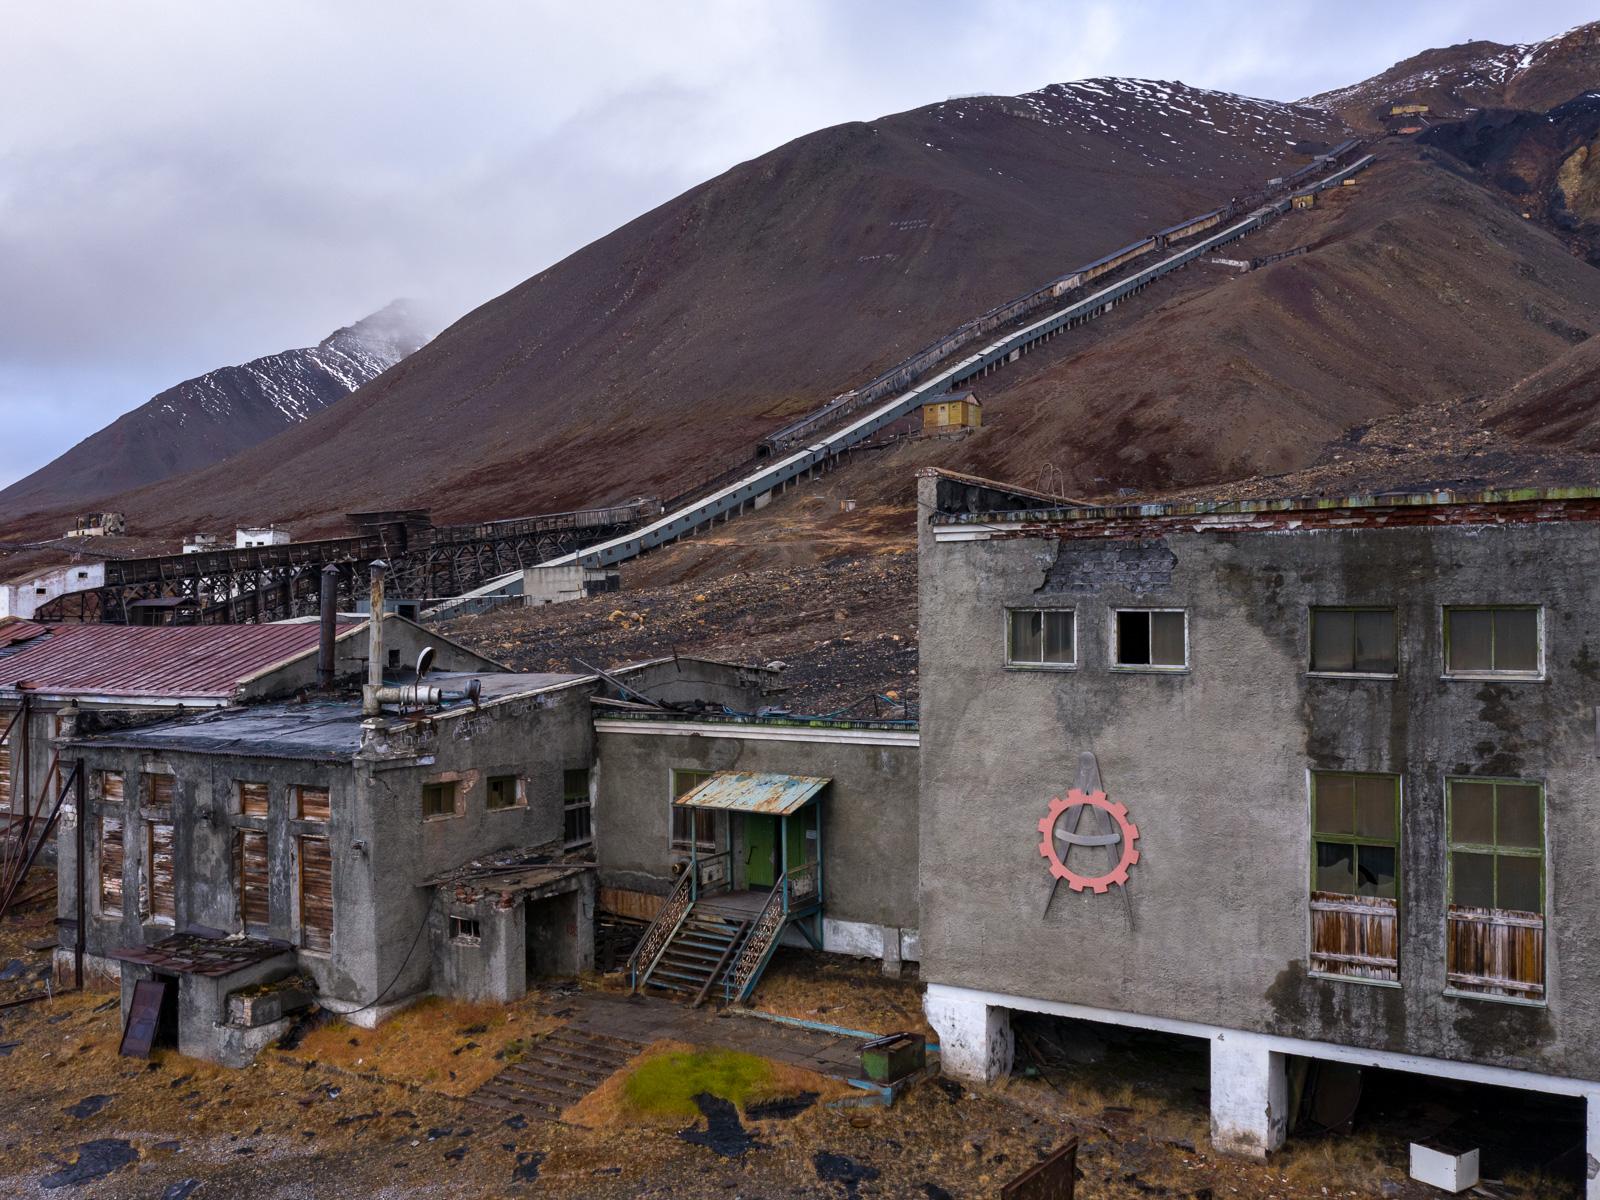 Svalbard_Spitsbergen_Pyramiden-18